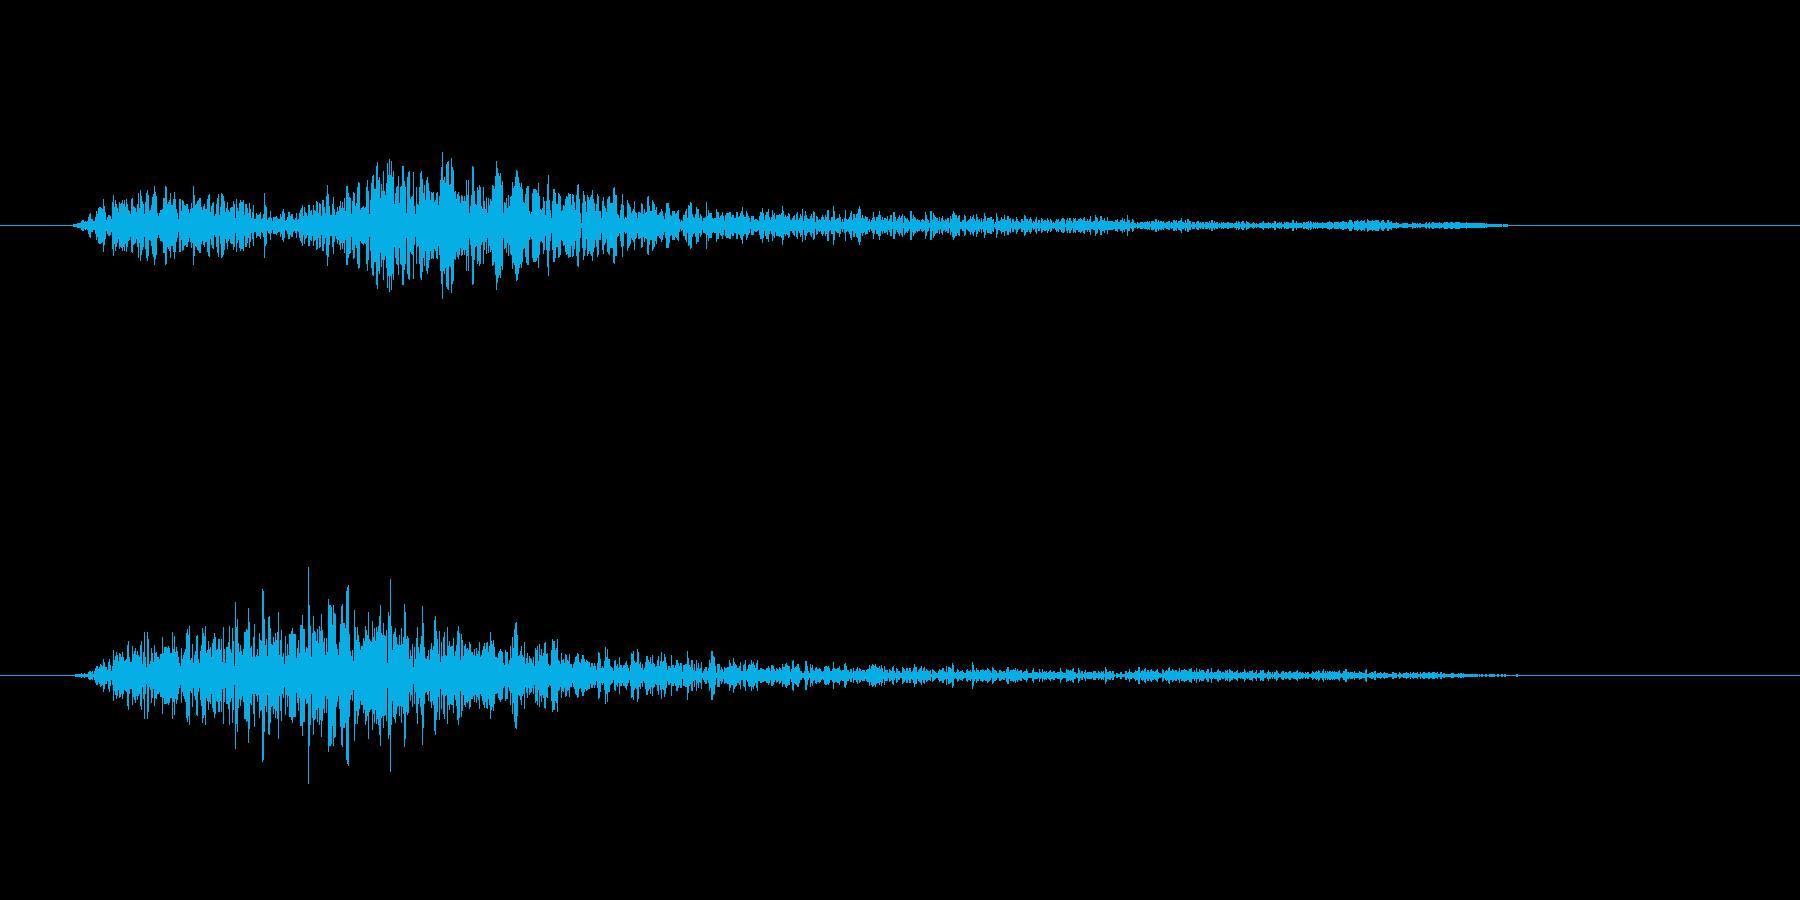 機械・金属などが軋むような音の再生済みの波形